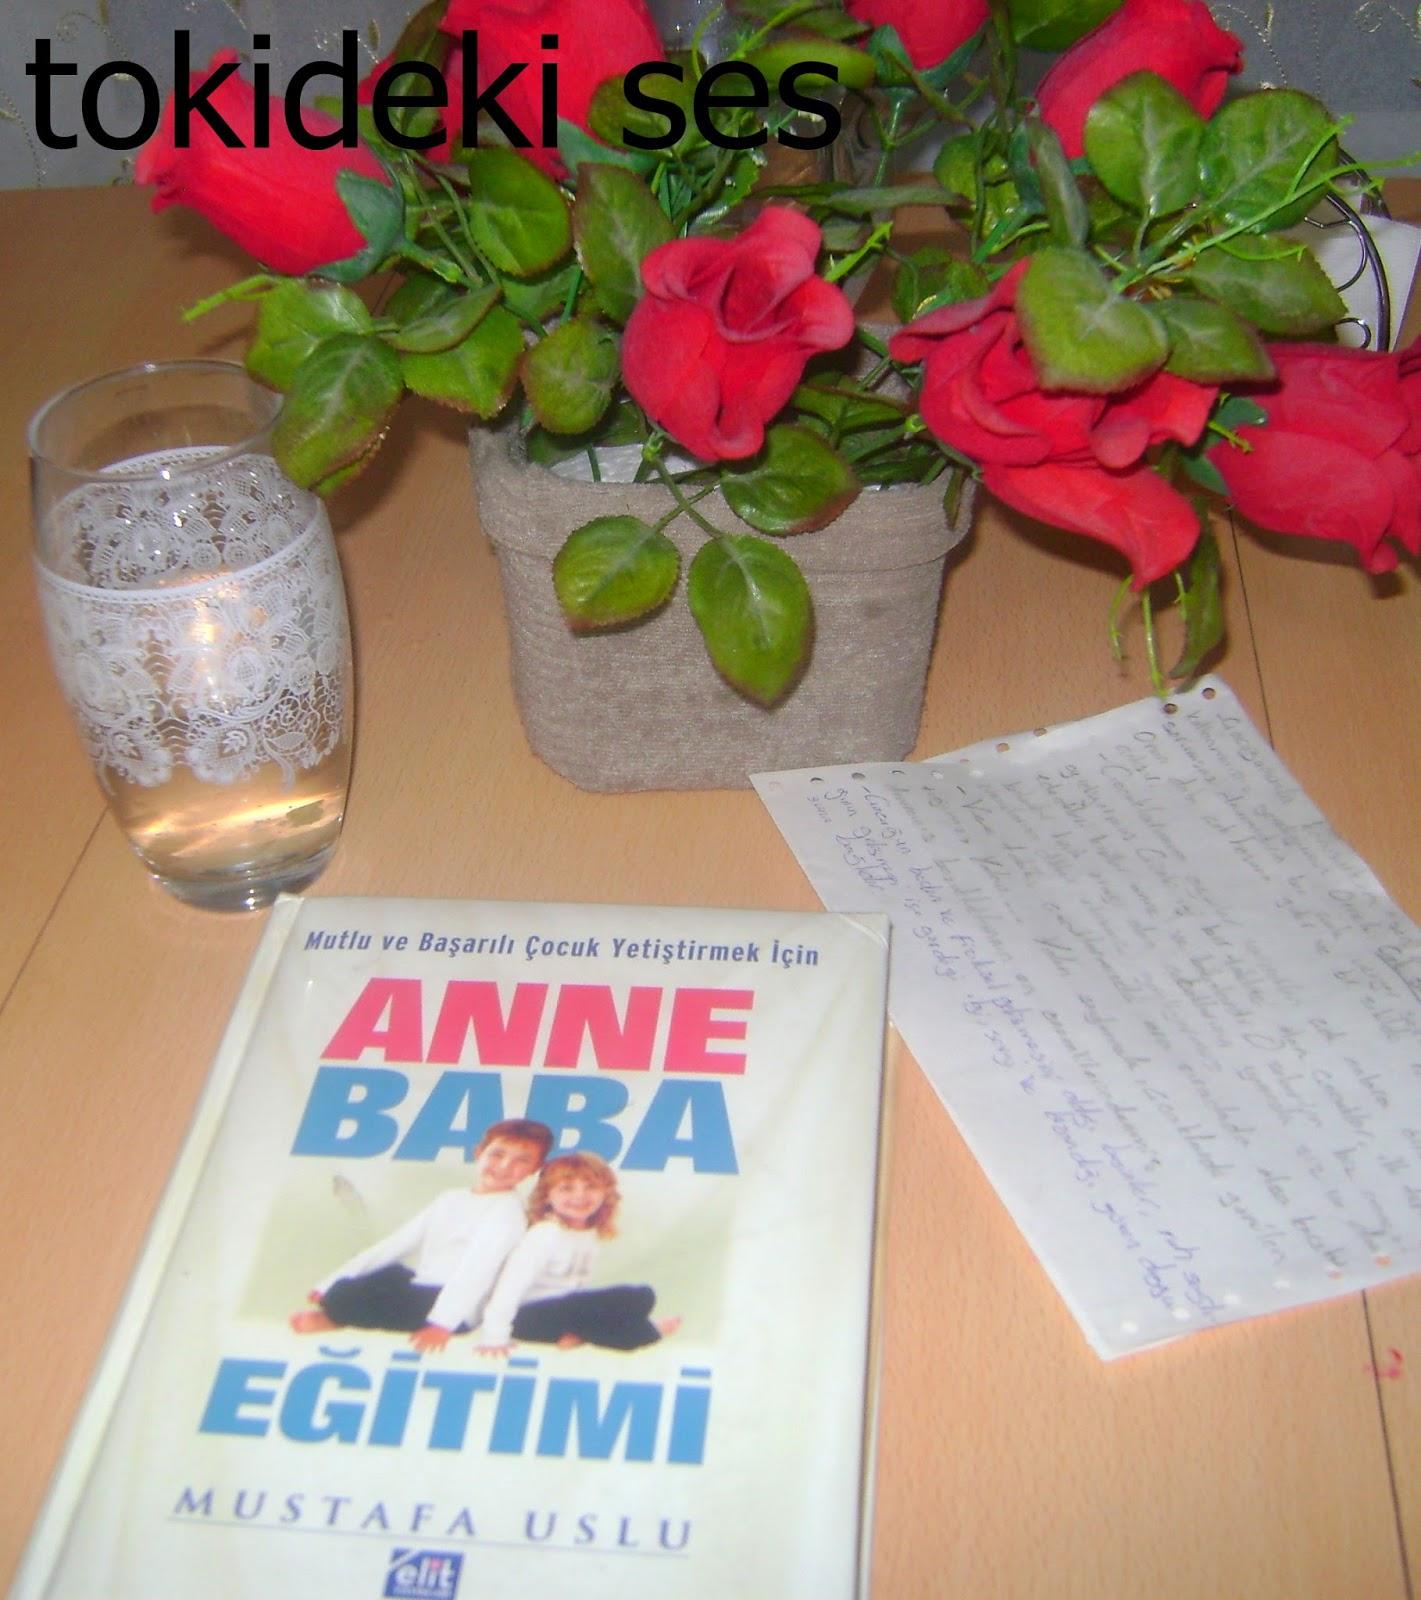 Mutlu ve Başarılı Bir Çocuk Yetiştirmek İçin Anne Baba Eğitimi Kitabını Okudum